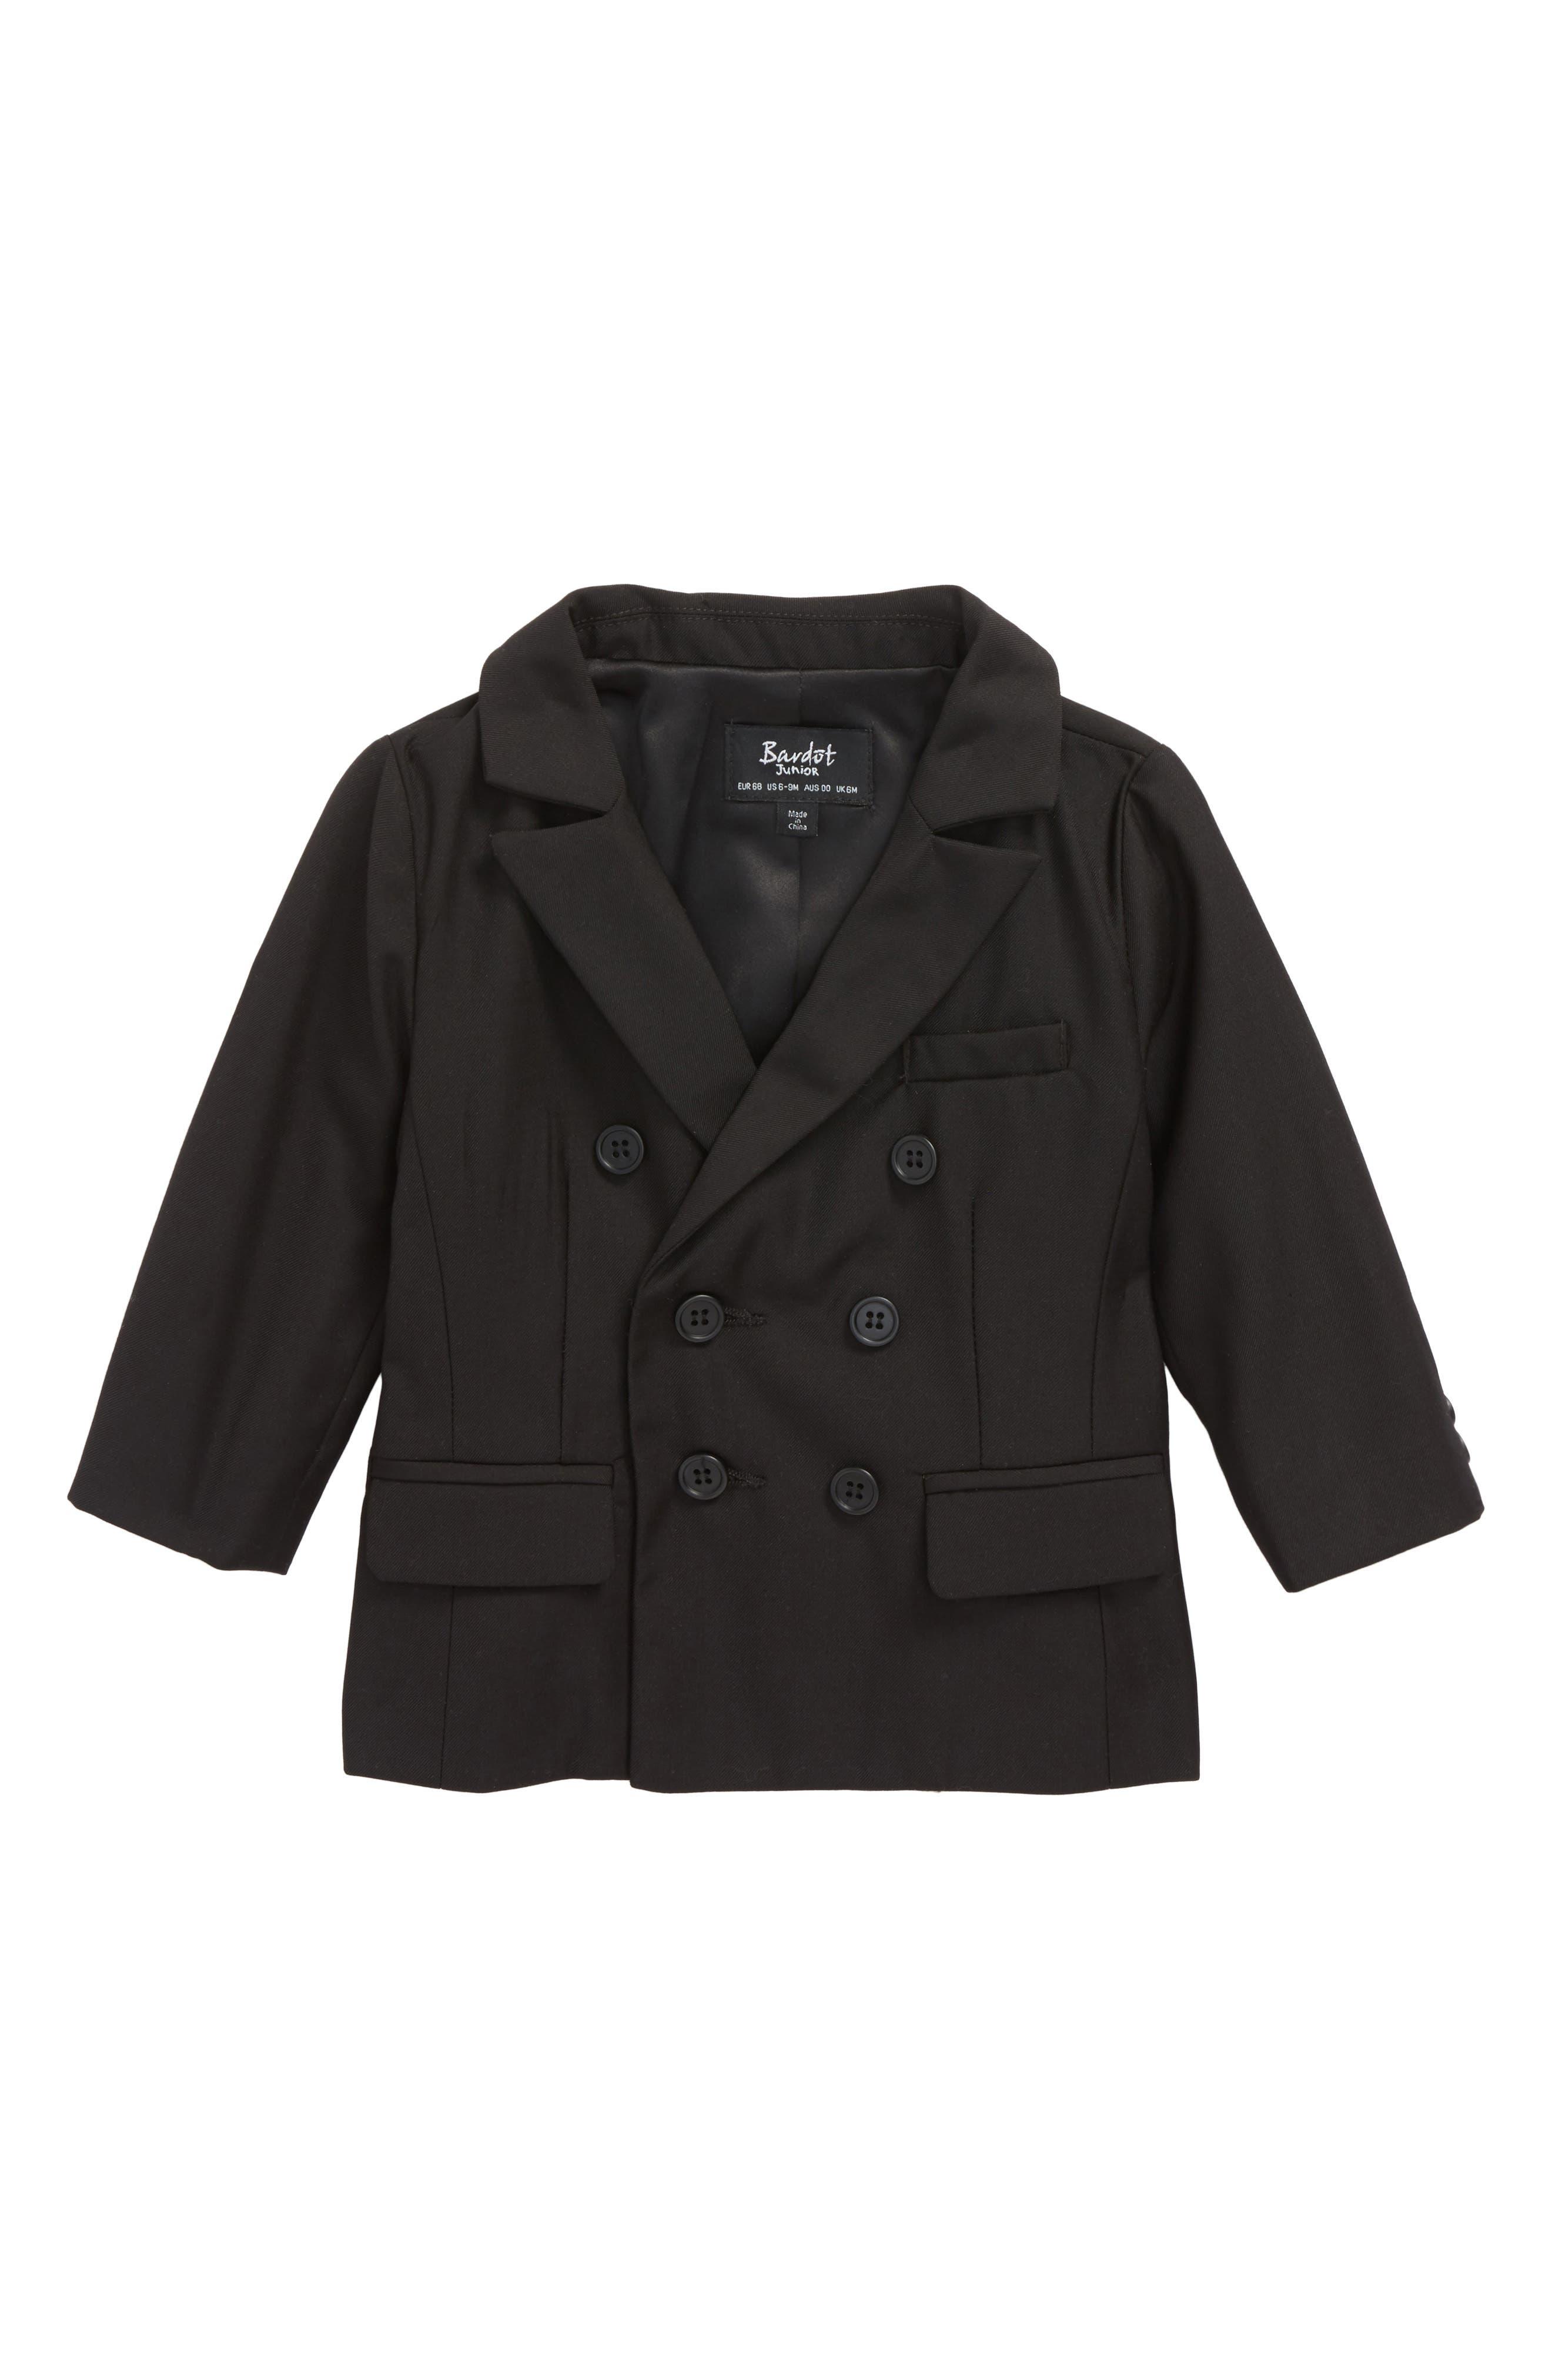 Henri Suit Jacket,                         Main,                         color, 001